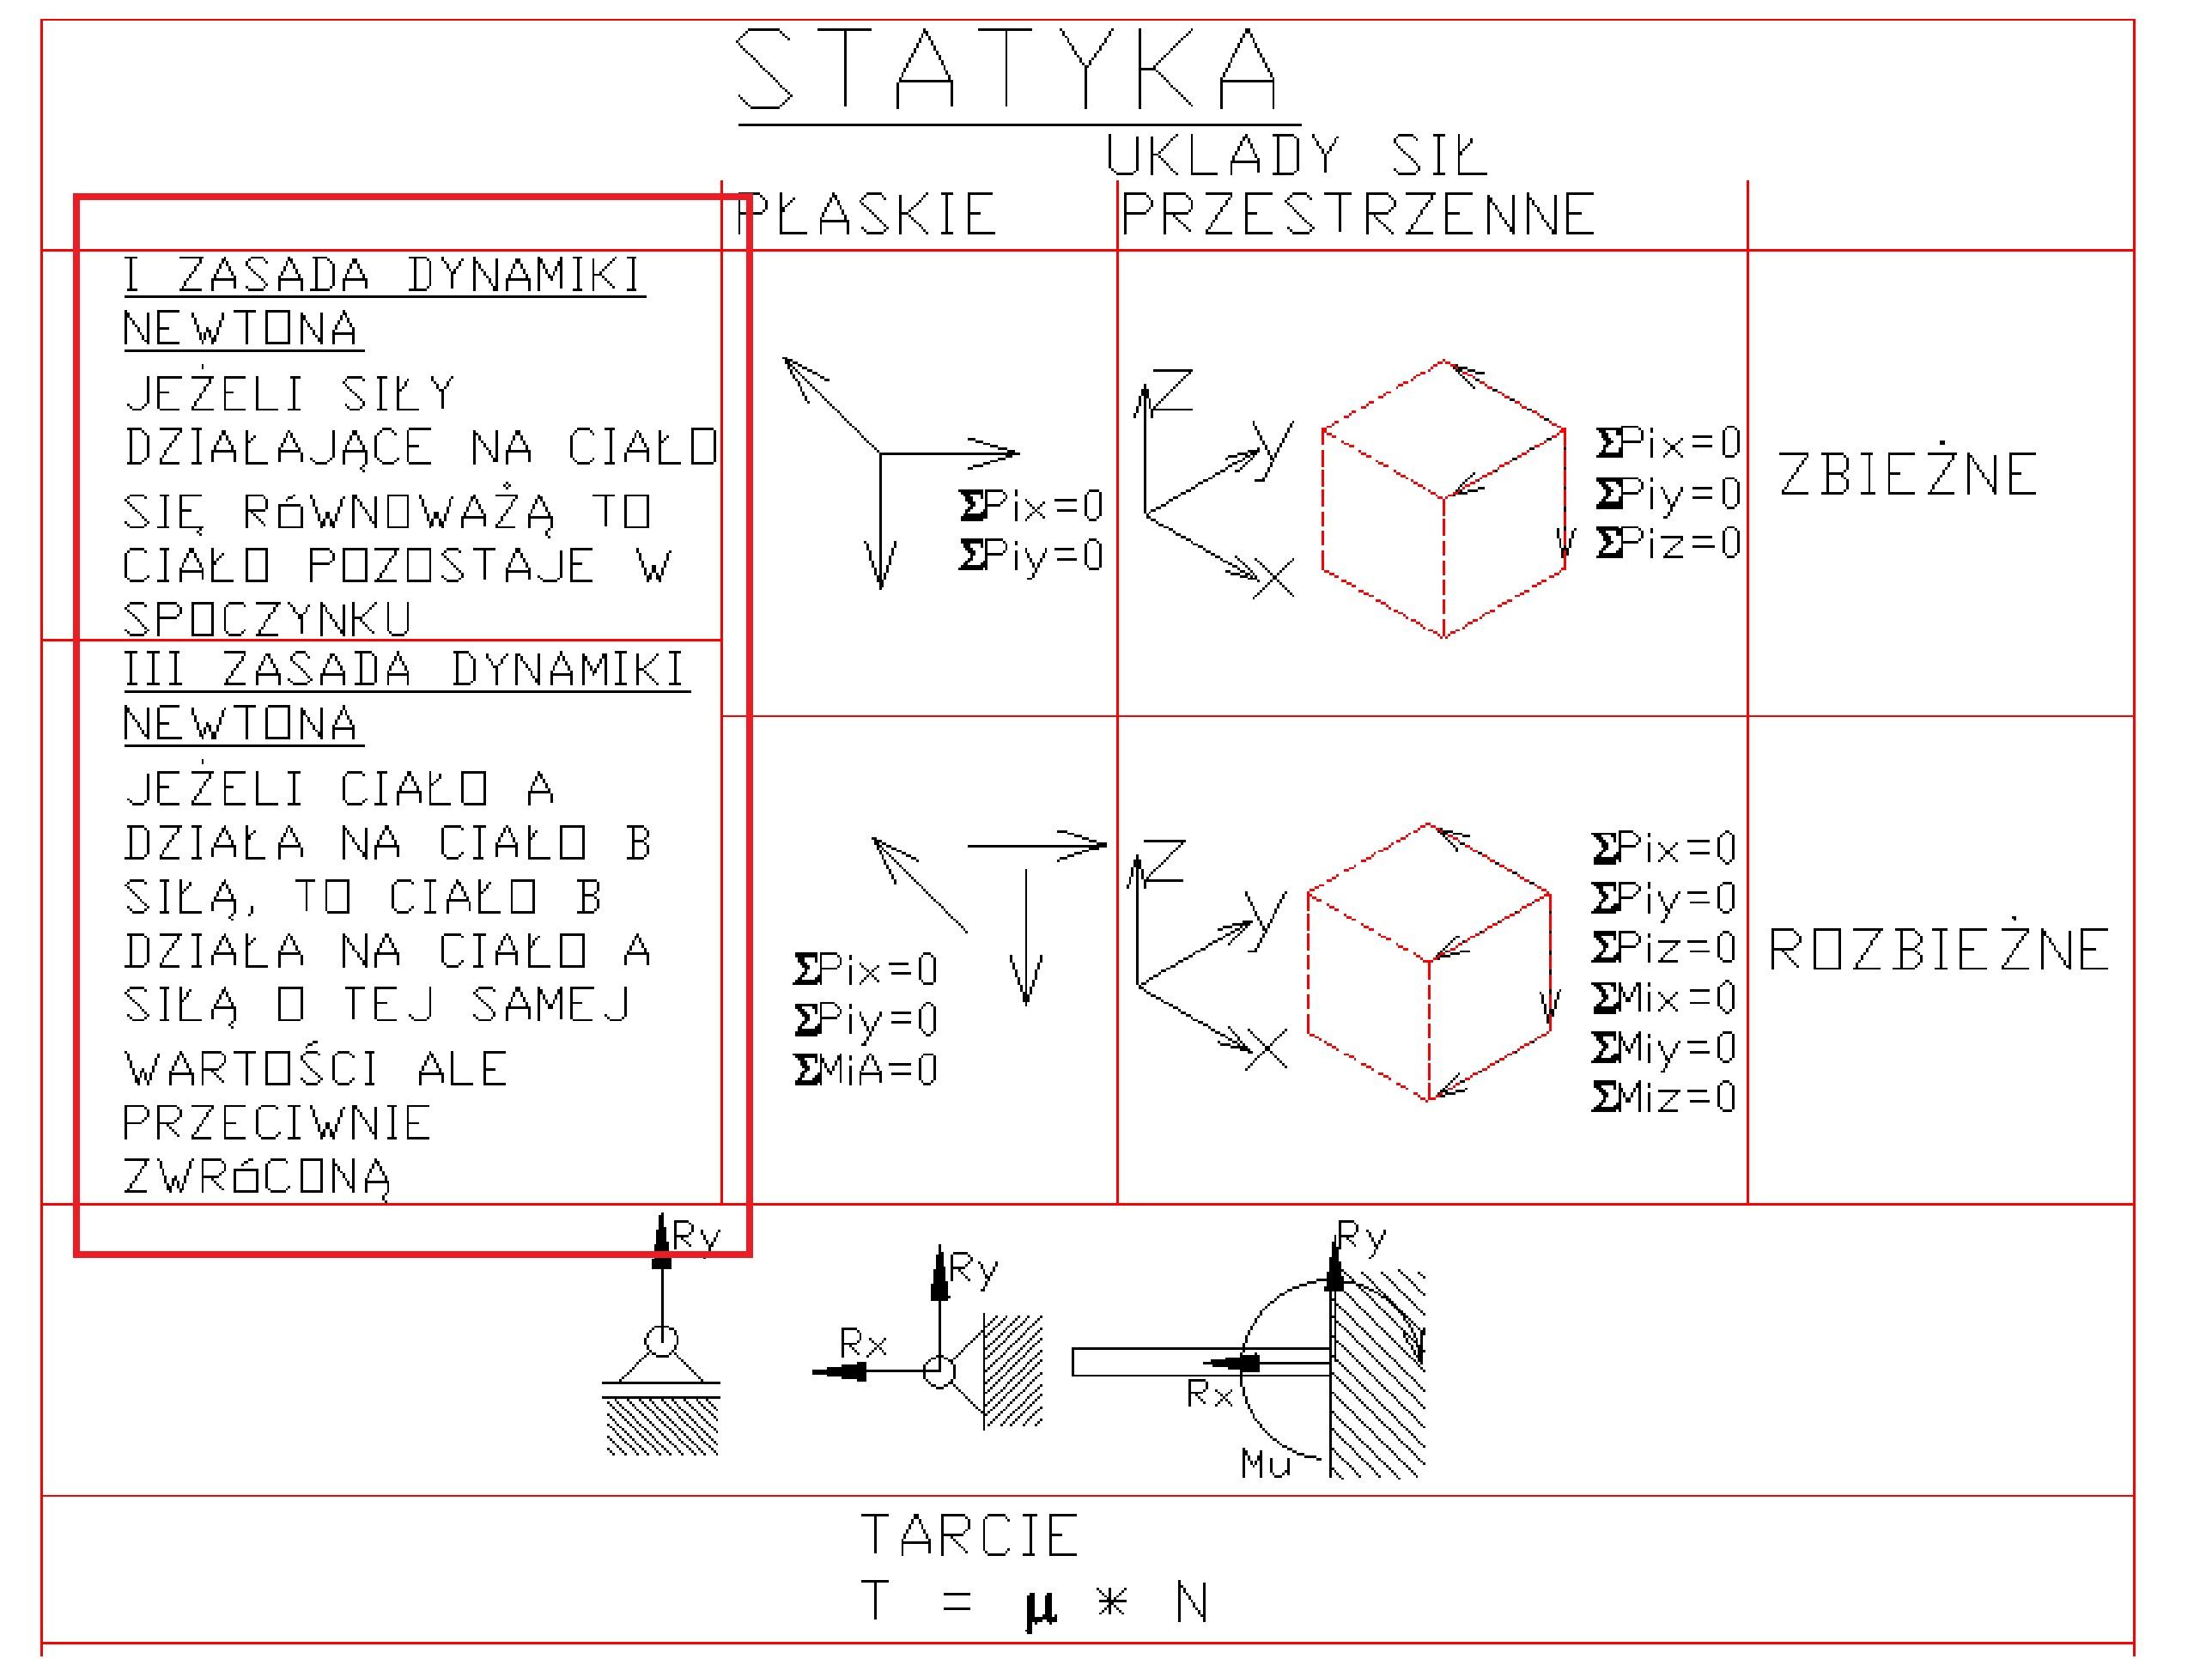 sciaga2 - Statyka - ściąga - podstawy